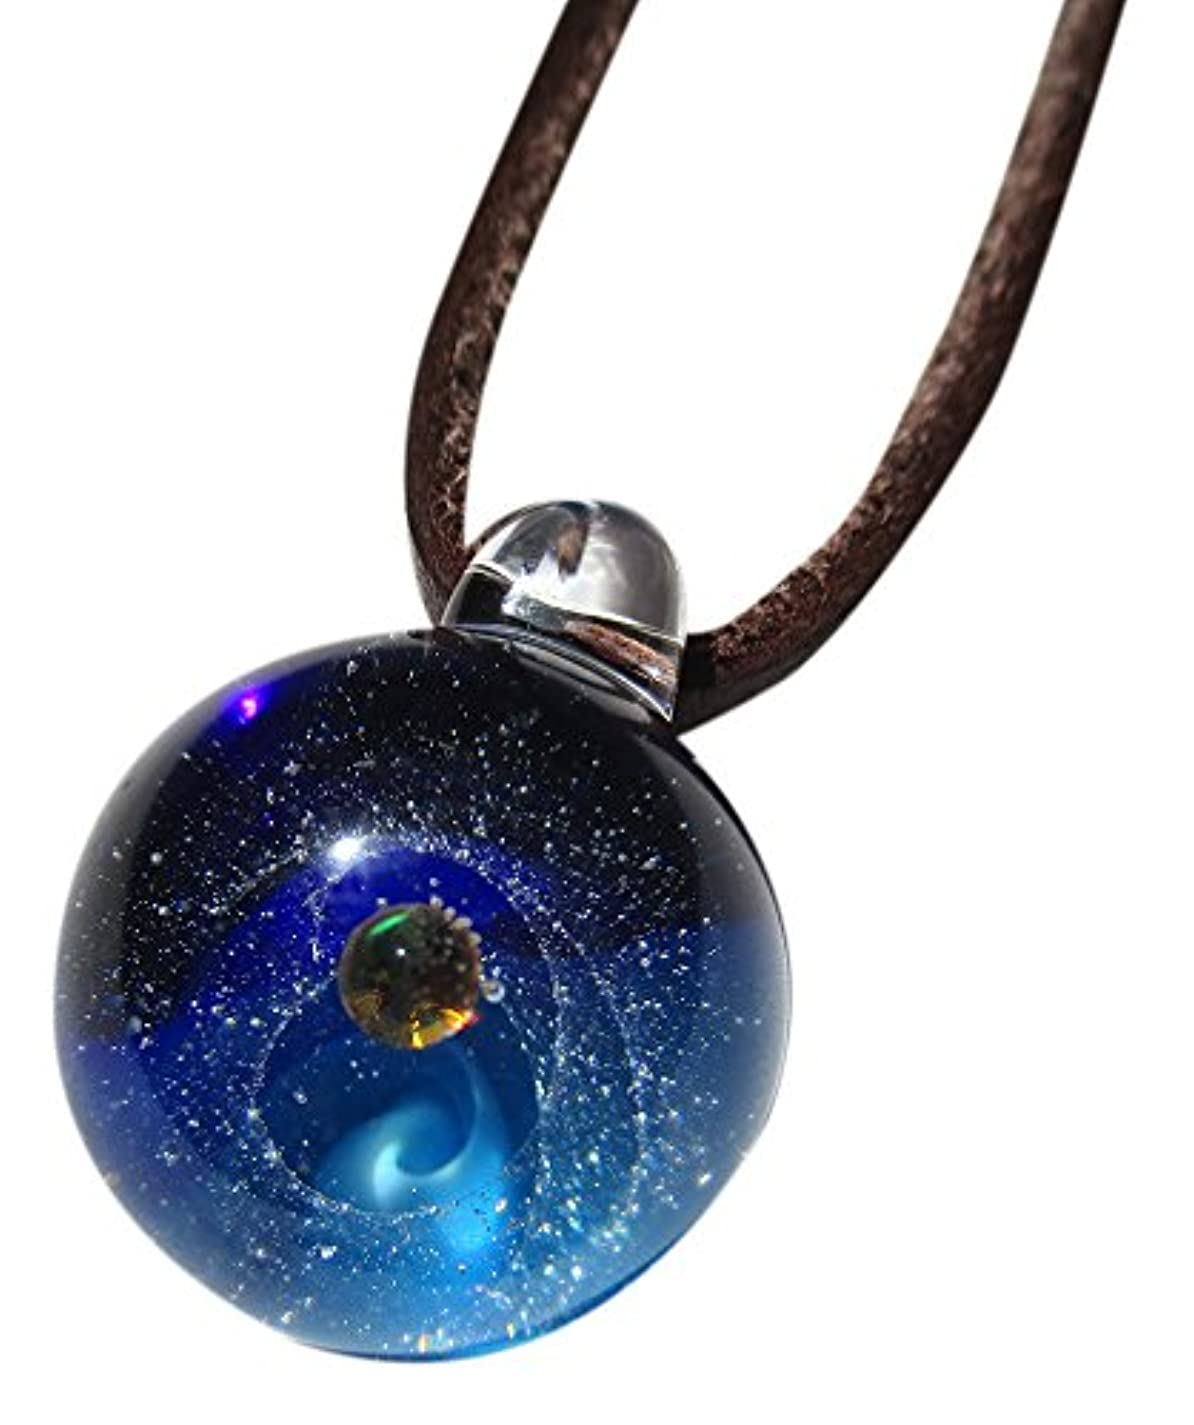 滴下ロック解除番号銀河ガラス ブルー シルバーラウンド DW1188